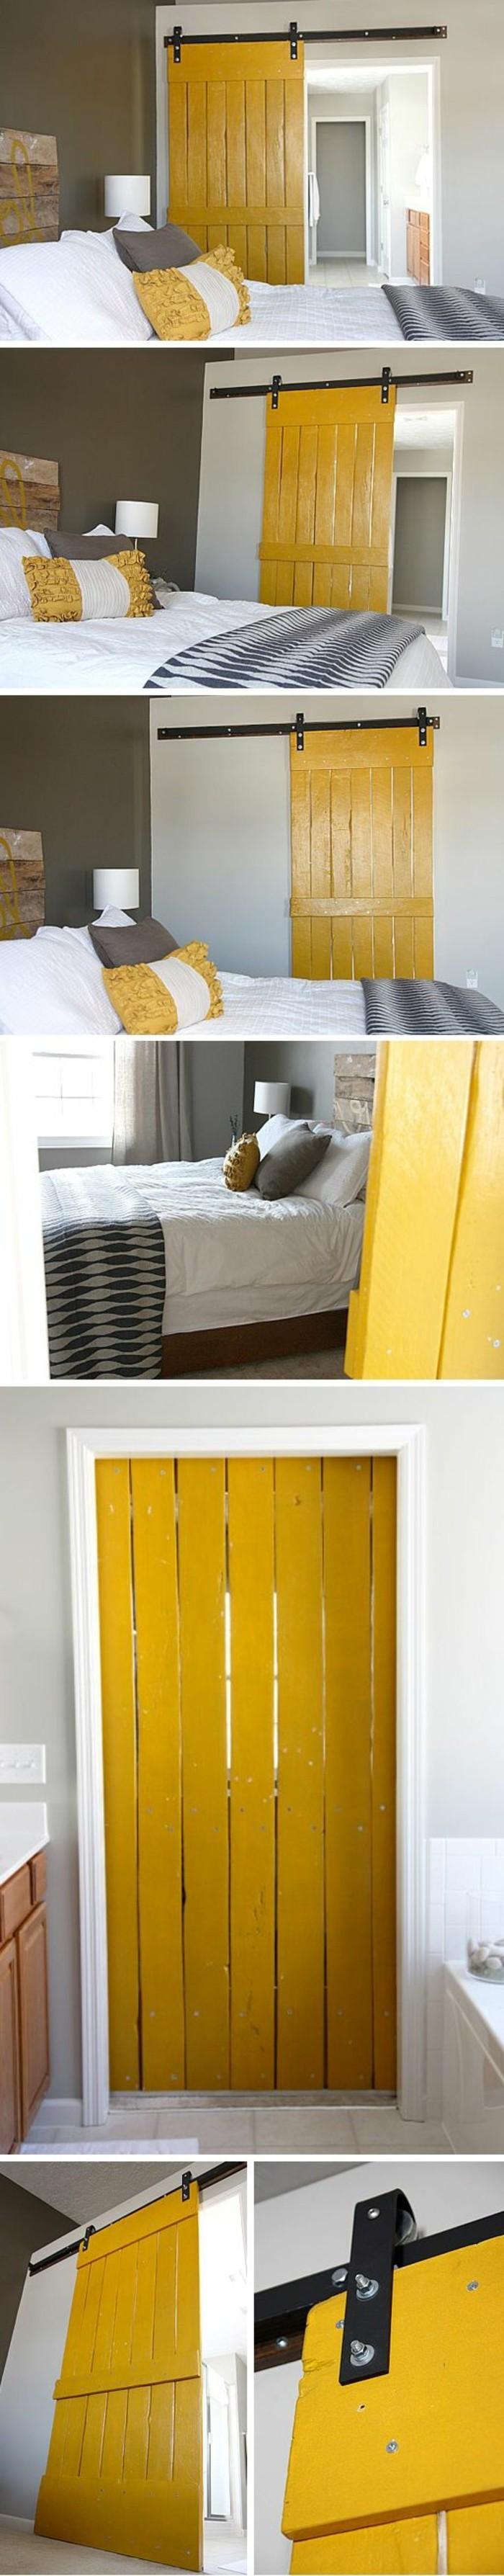 фэн-шуй-багуа-желтая-дверь-родительская-комната-семейные-правила-деревянная-дверь-спальня